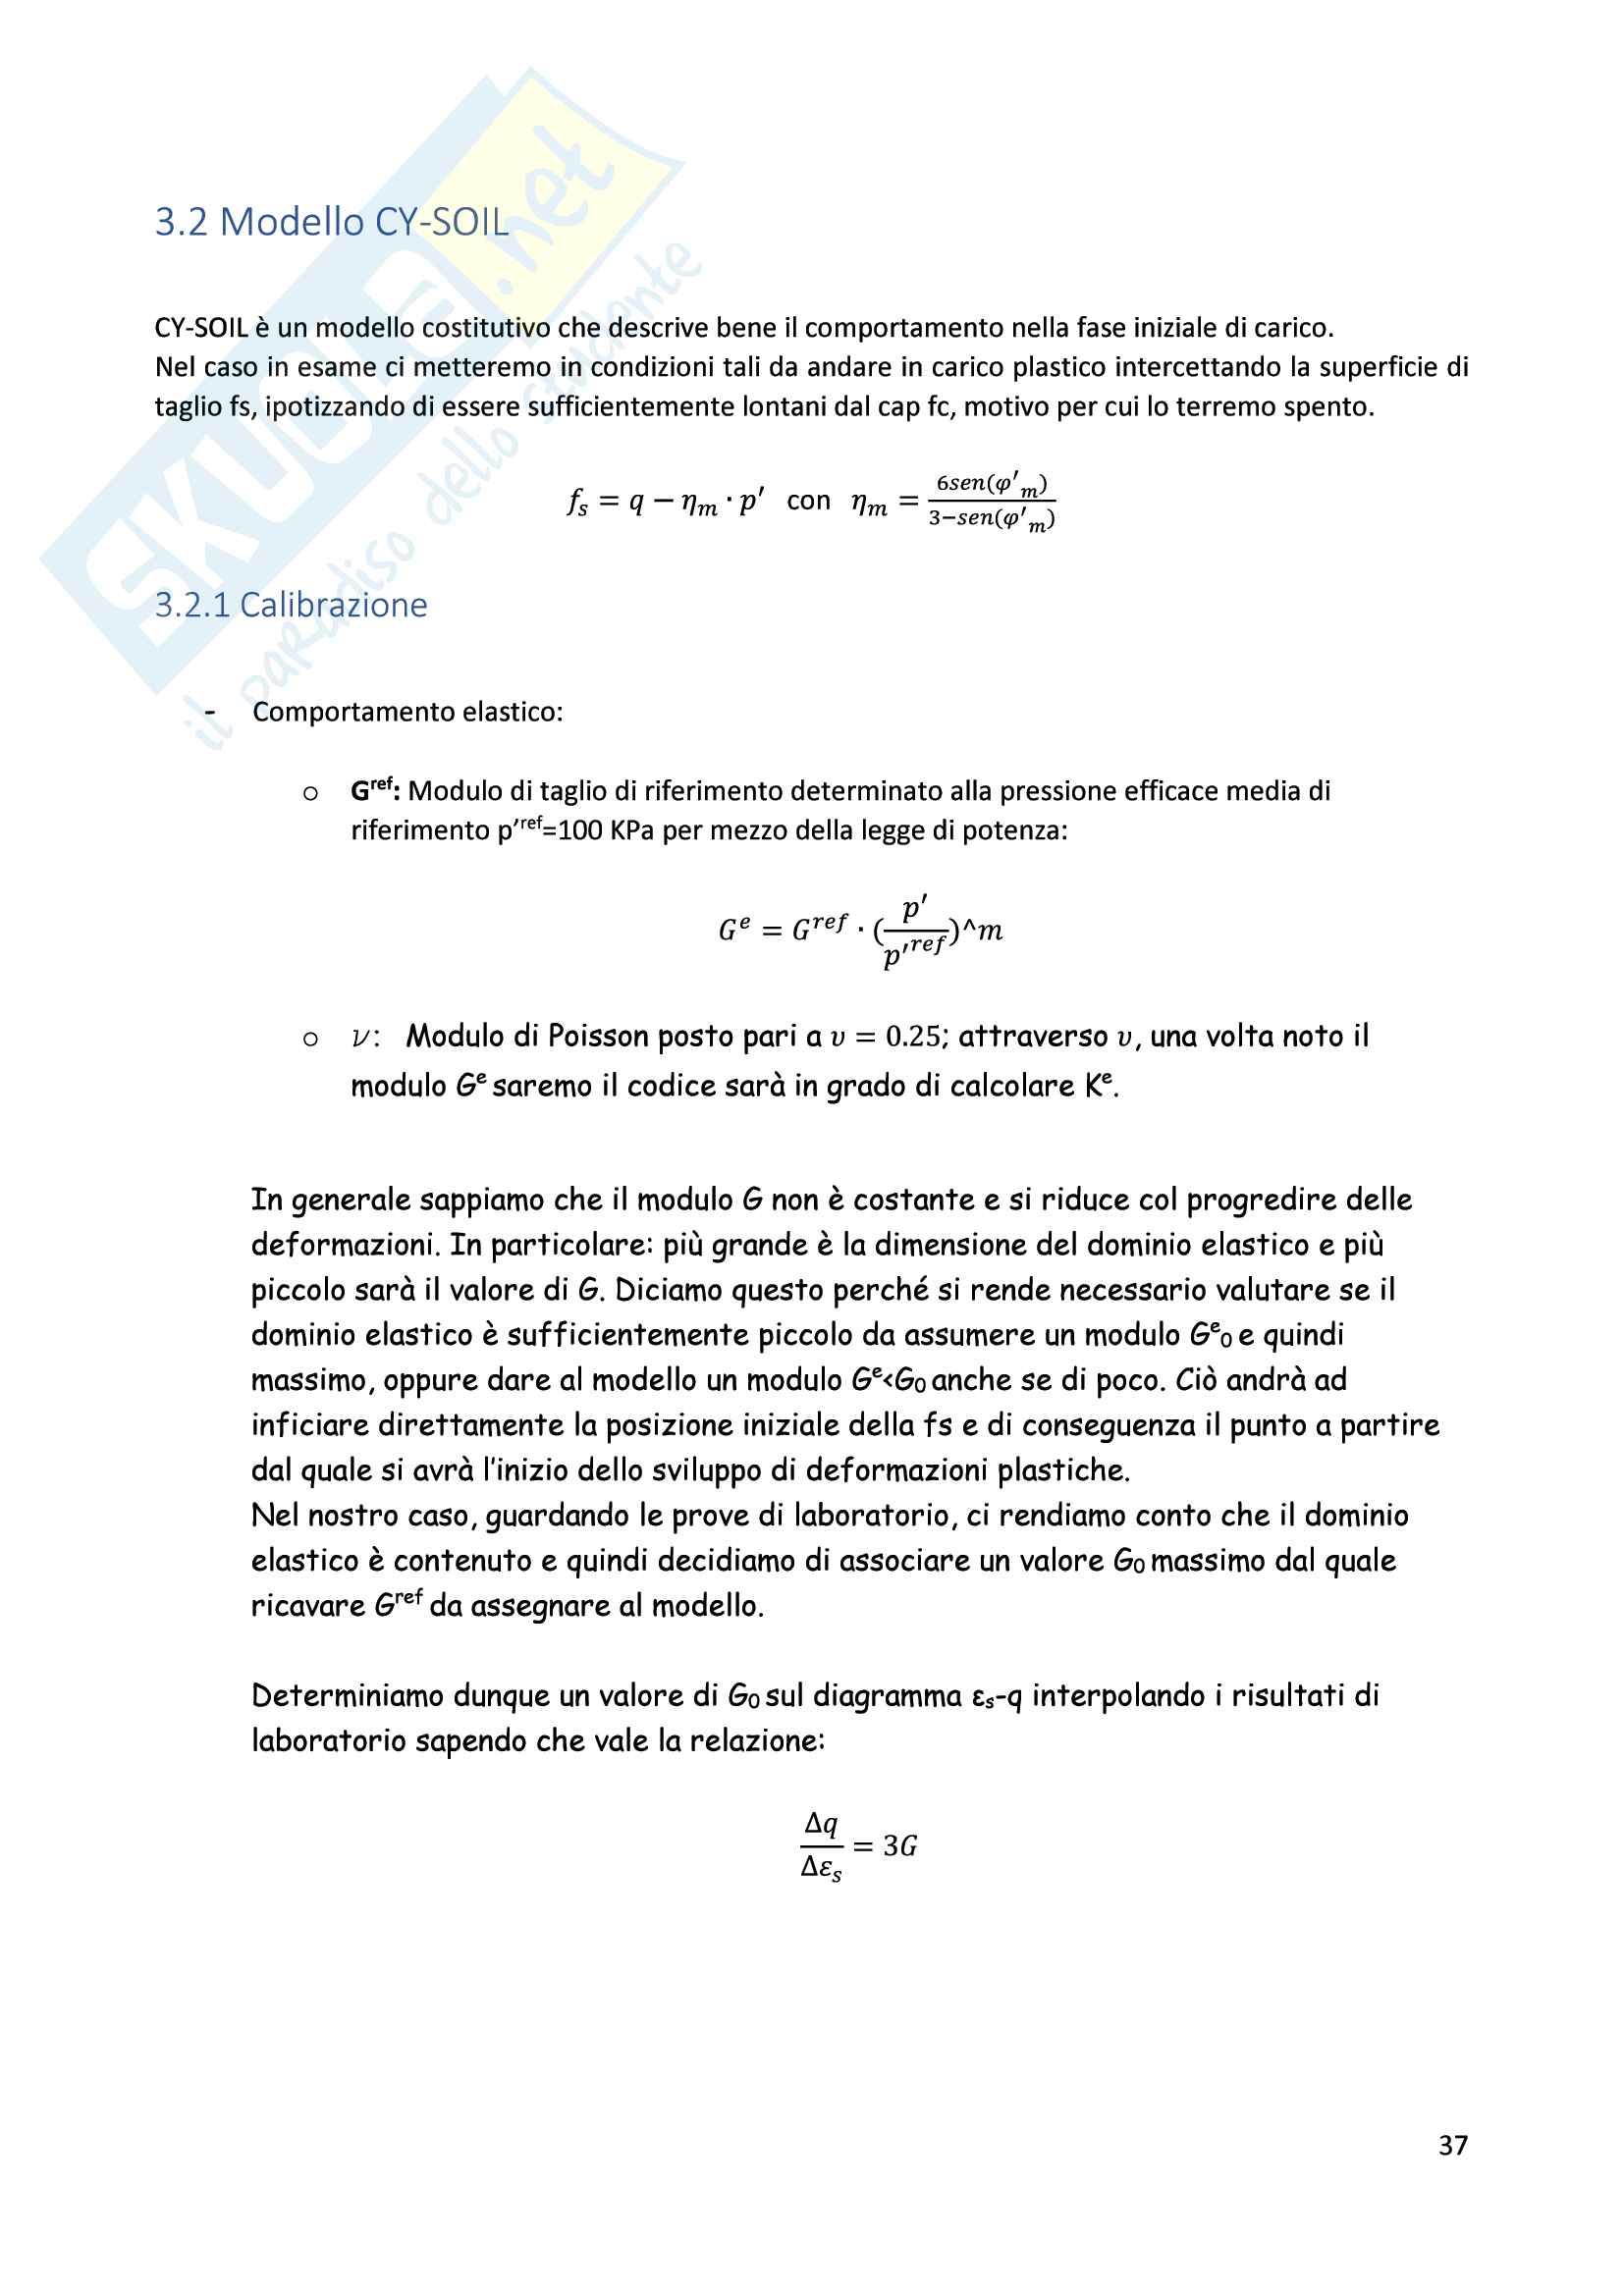 Esercitazioni: Elaborazioni Prove di Laboratorio e modellazione costitutiva in Flac Pag. 36